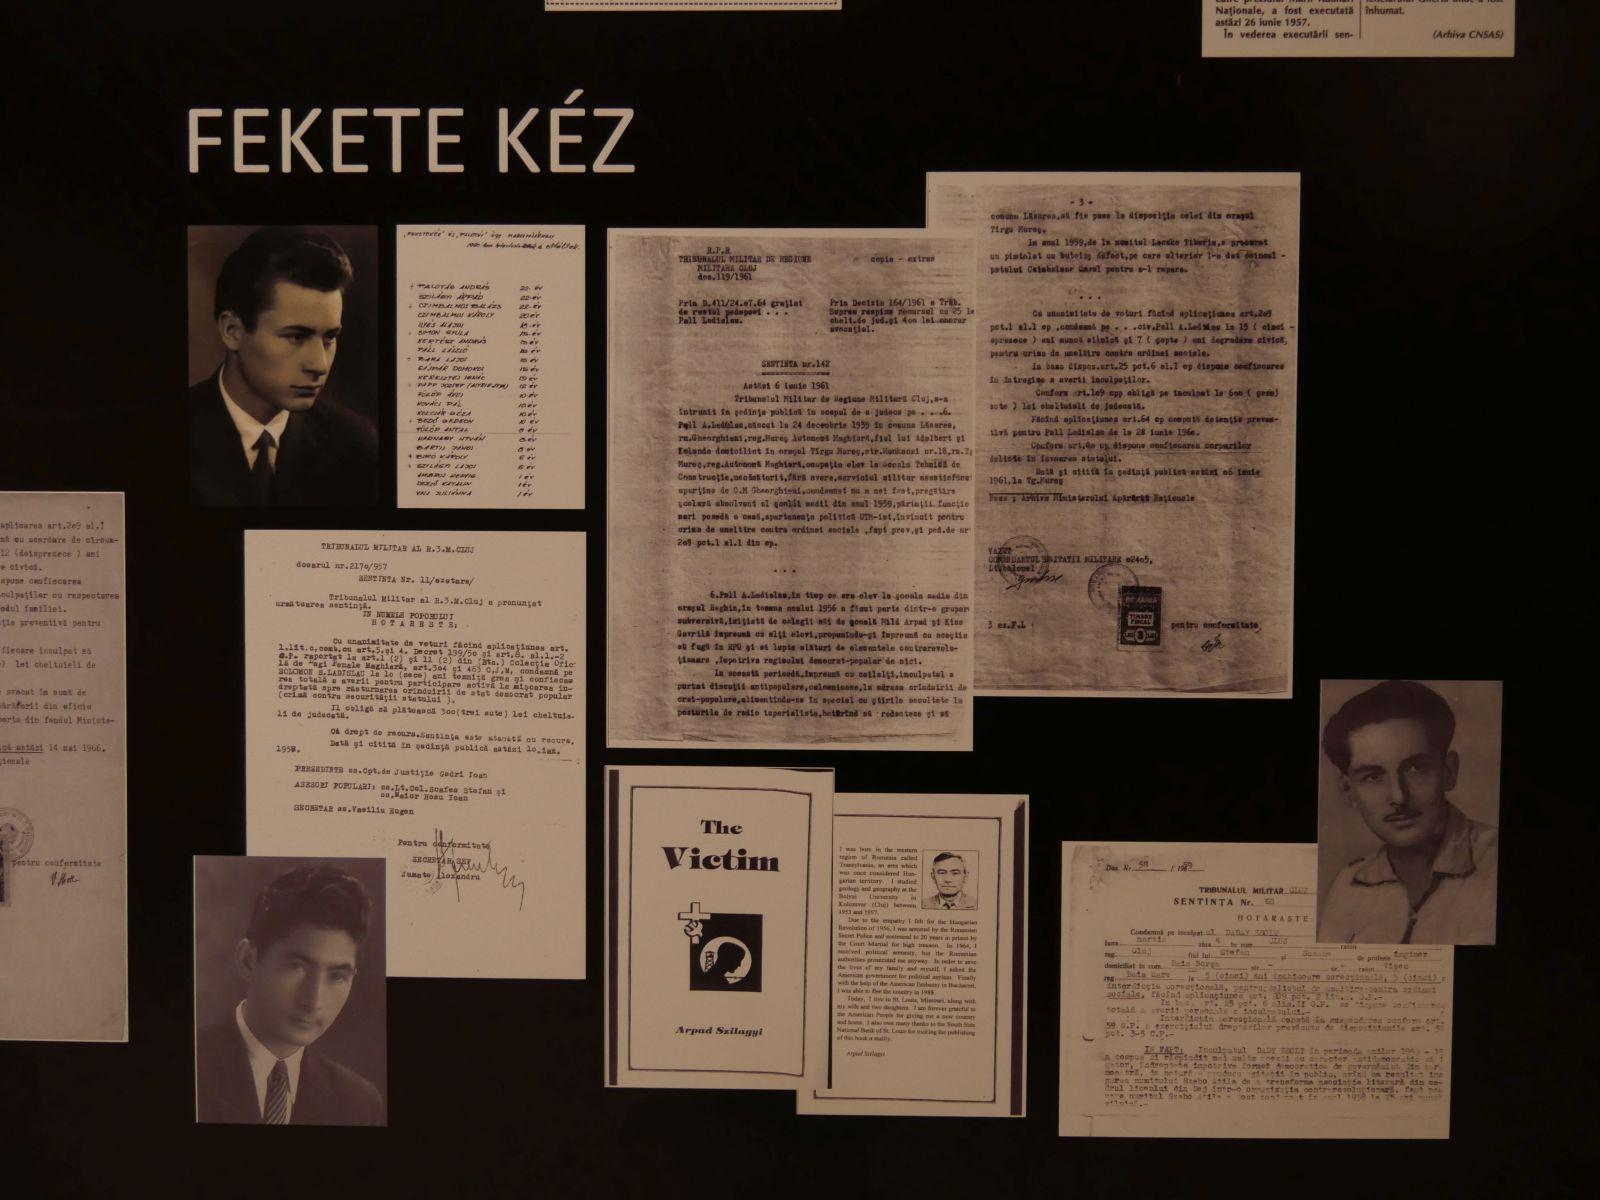 A Fekete Kéz csoportosulást bemutató iratok a sepsiszentgyörgyi 1956-os emlékmúzeumban